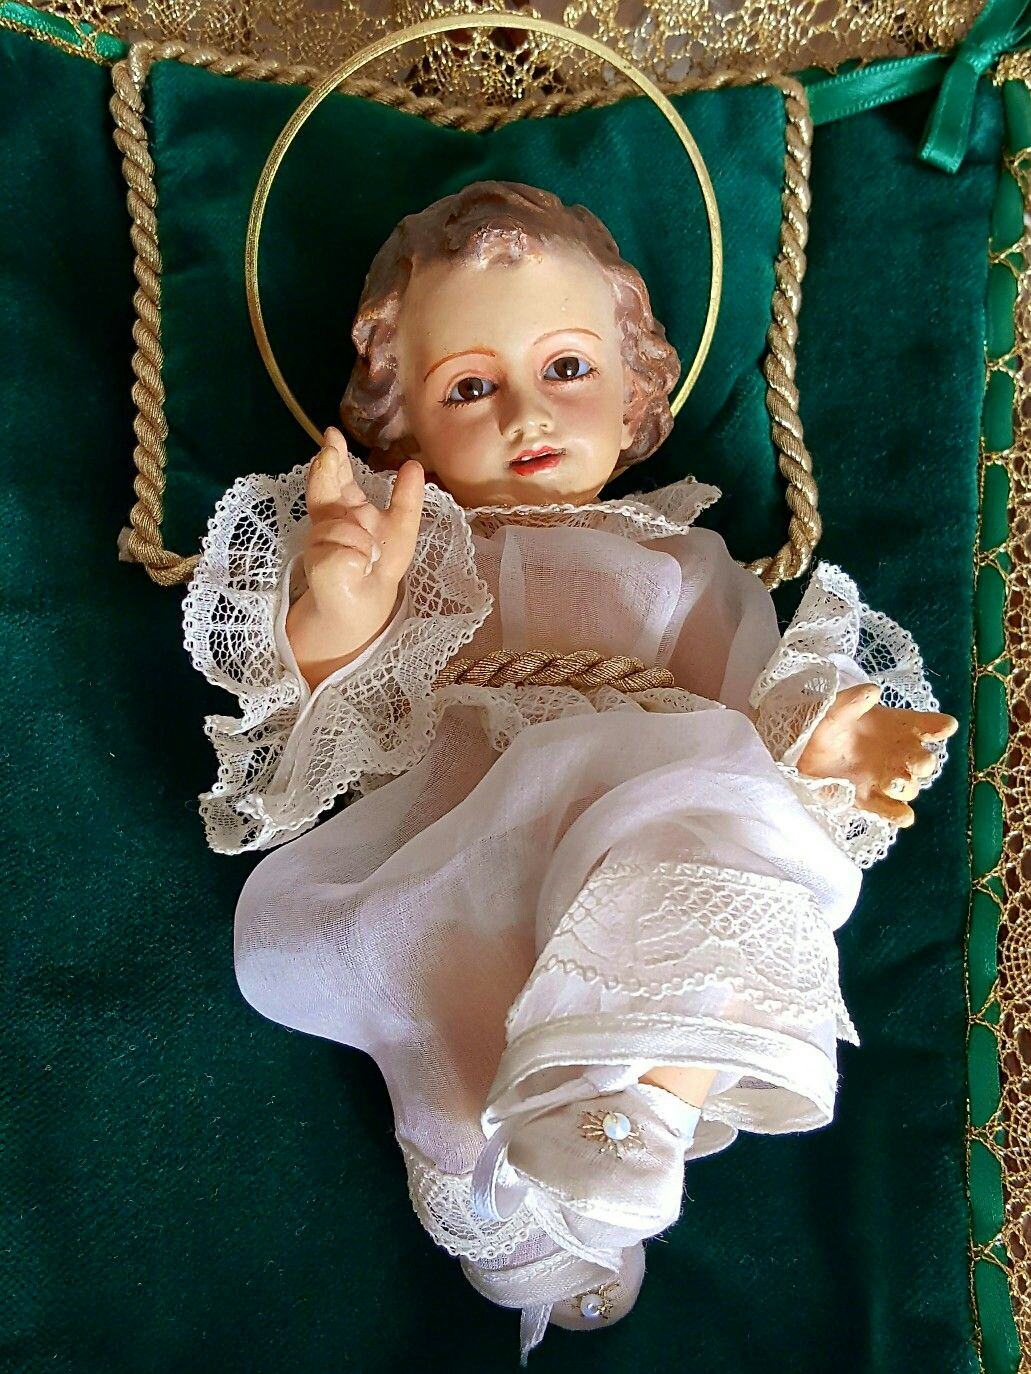 Niño Jesus.(Jose). | Ninos de dios, Niño jesus, Divino niño